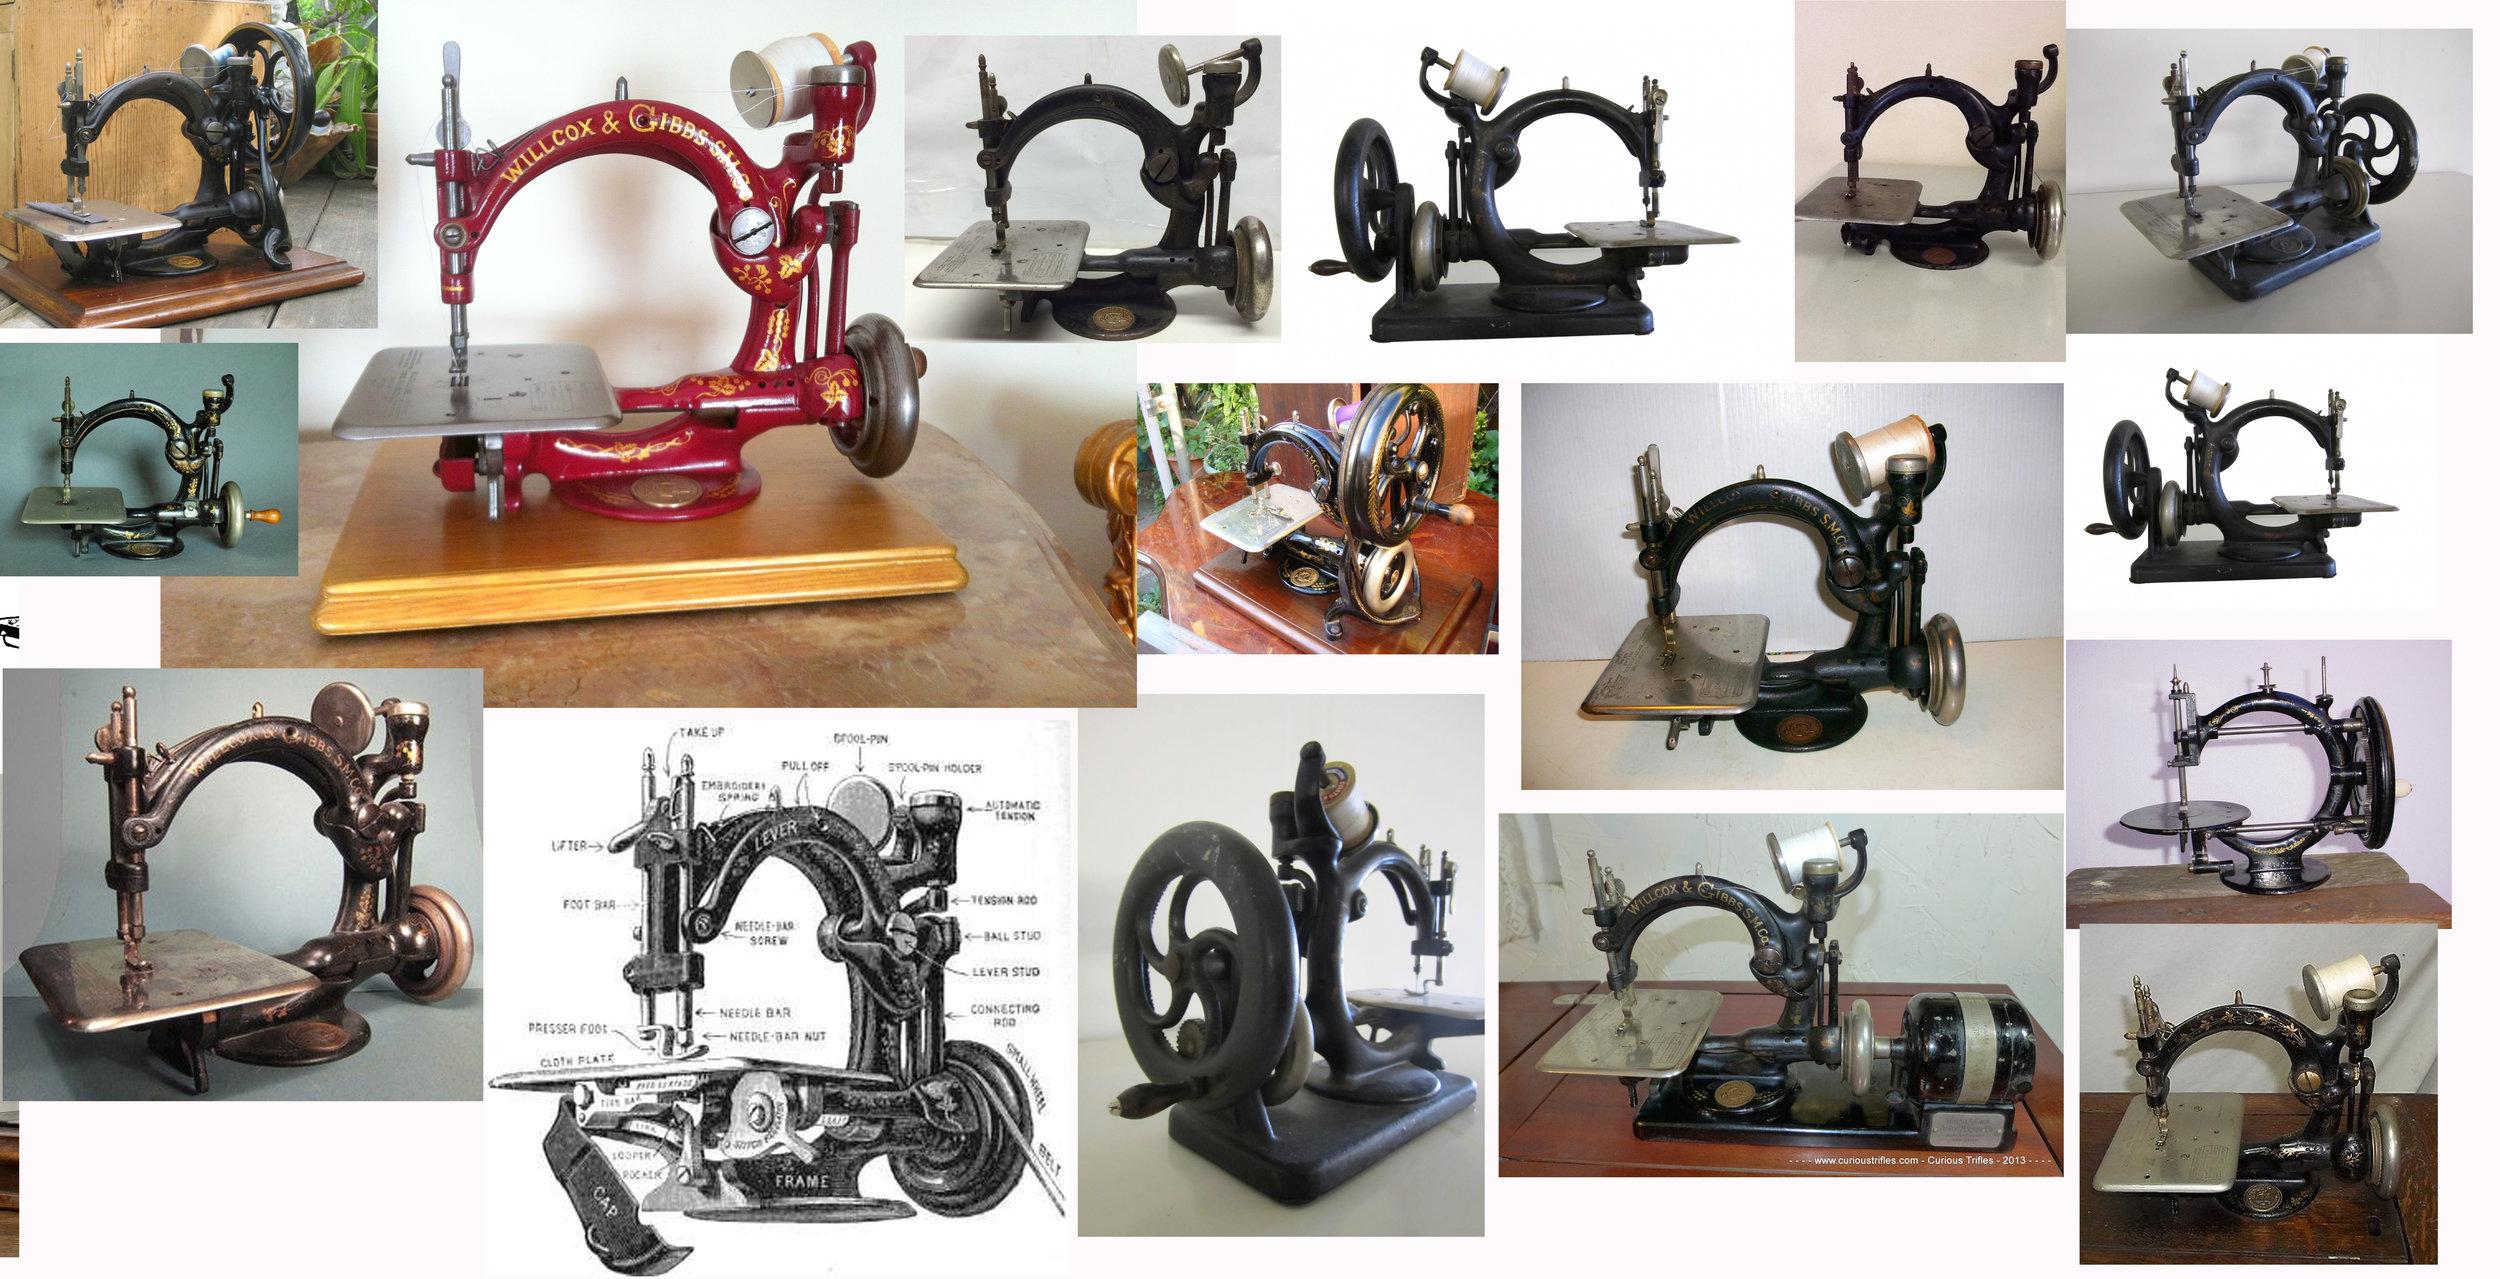 1 d blog 3 sew machines Wilcox and Gibbs.jpg